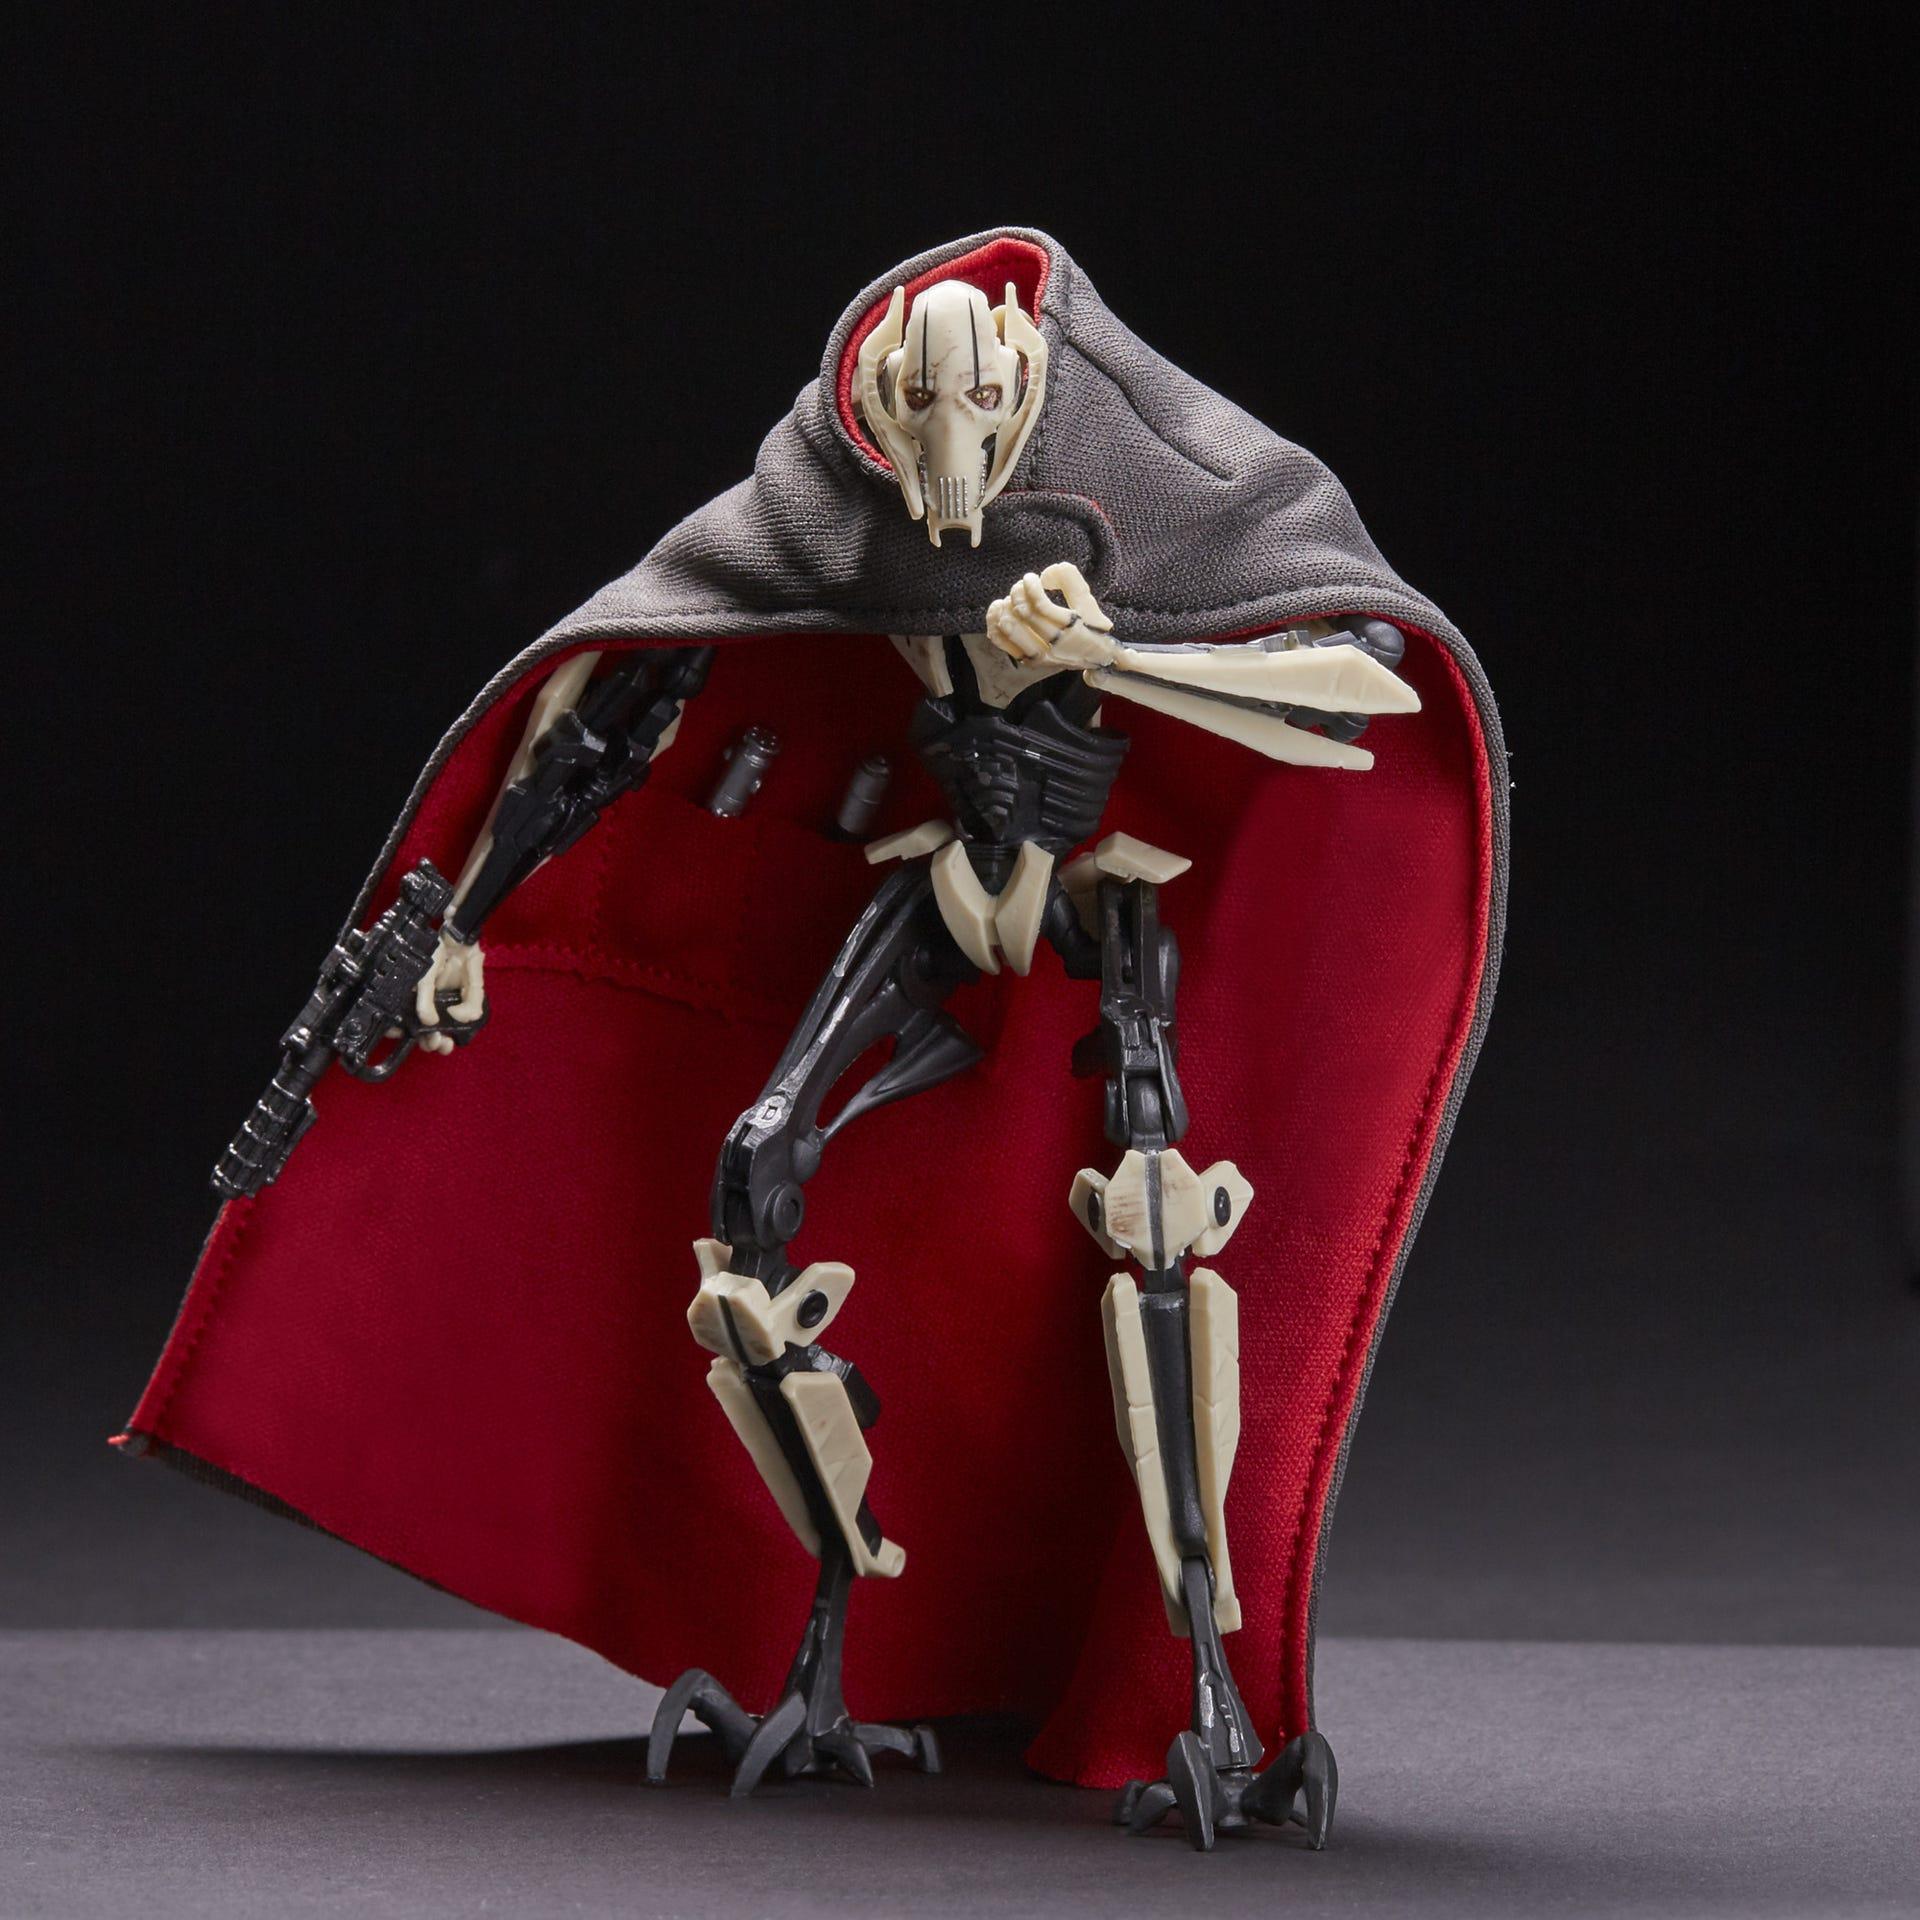 Star Wars The Black Series Deluxe General Grievous Action Figure 15cm E2989EU40 5010993554423